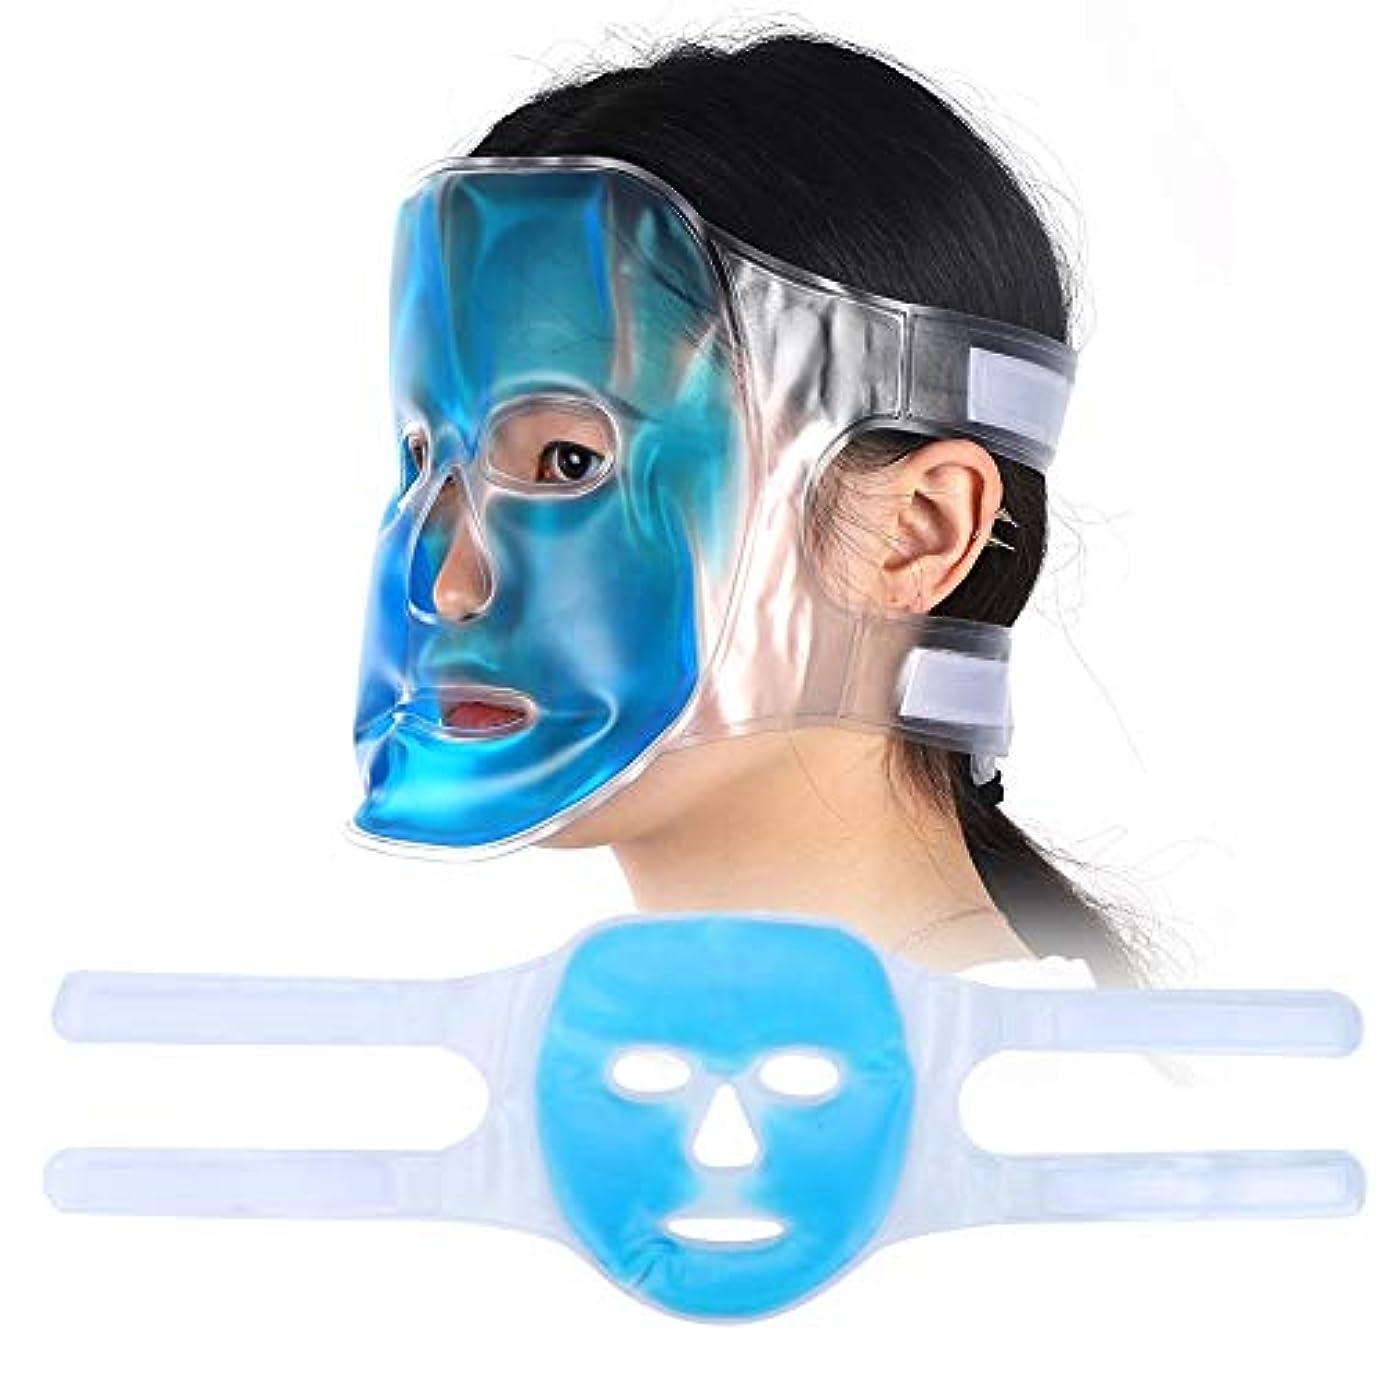 交換可能ホストマエストロ非毒性 保湿 ジェルブルーフェイスマスク 疲労緩和 リラクゼーションフルフェイスクーリングマスク